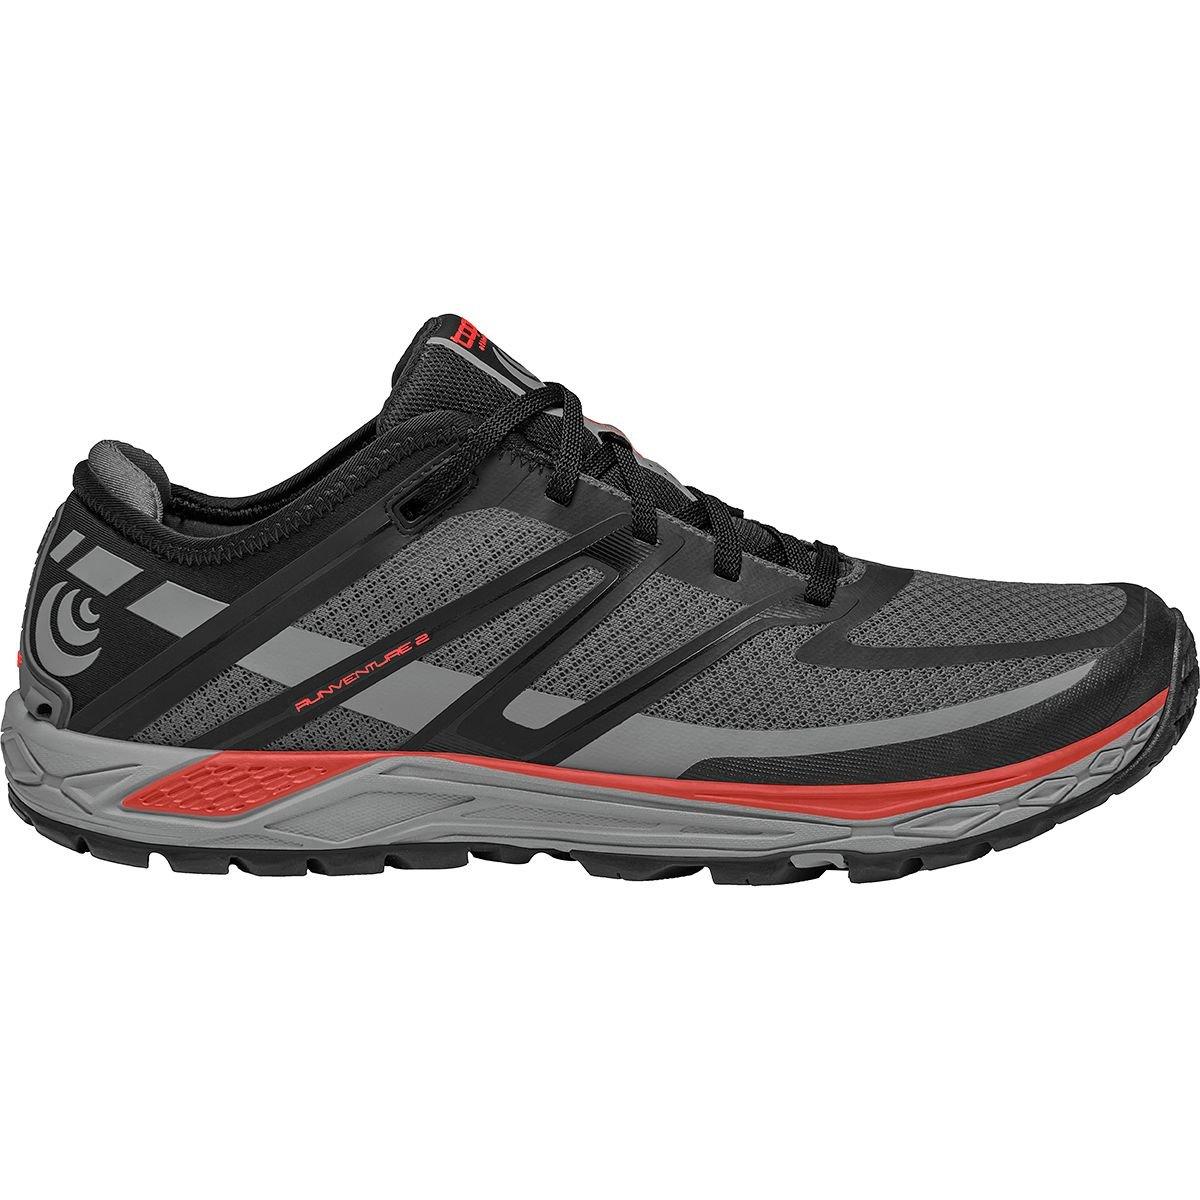 正規通販 [トポアスレチック] メンズ ランニング Runventure 2 Trail Running Running Shoe B07G3RJ897 [並行輸入品] メンズ B07G3RJ897 9, baby&kids 奈奈 Nana:ecd4b228 --- trademark.officeporto.com